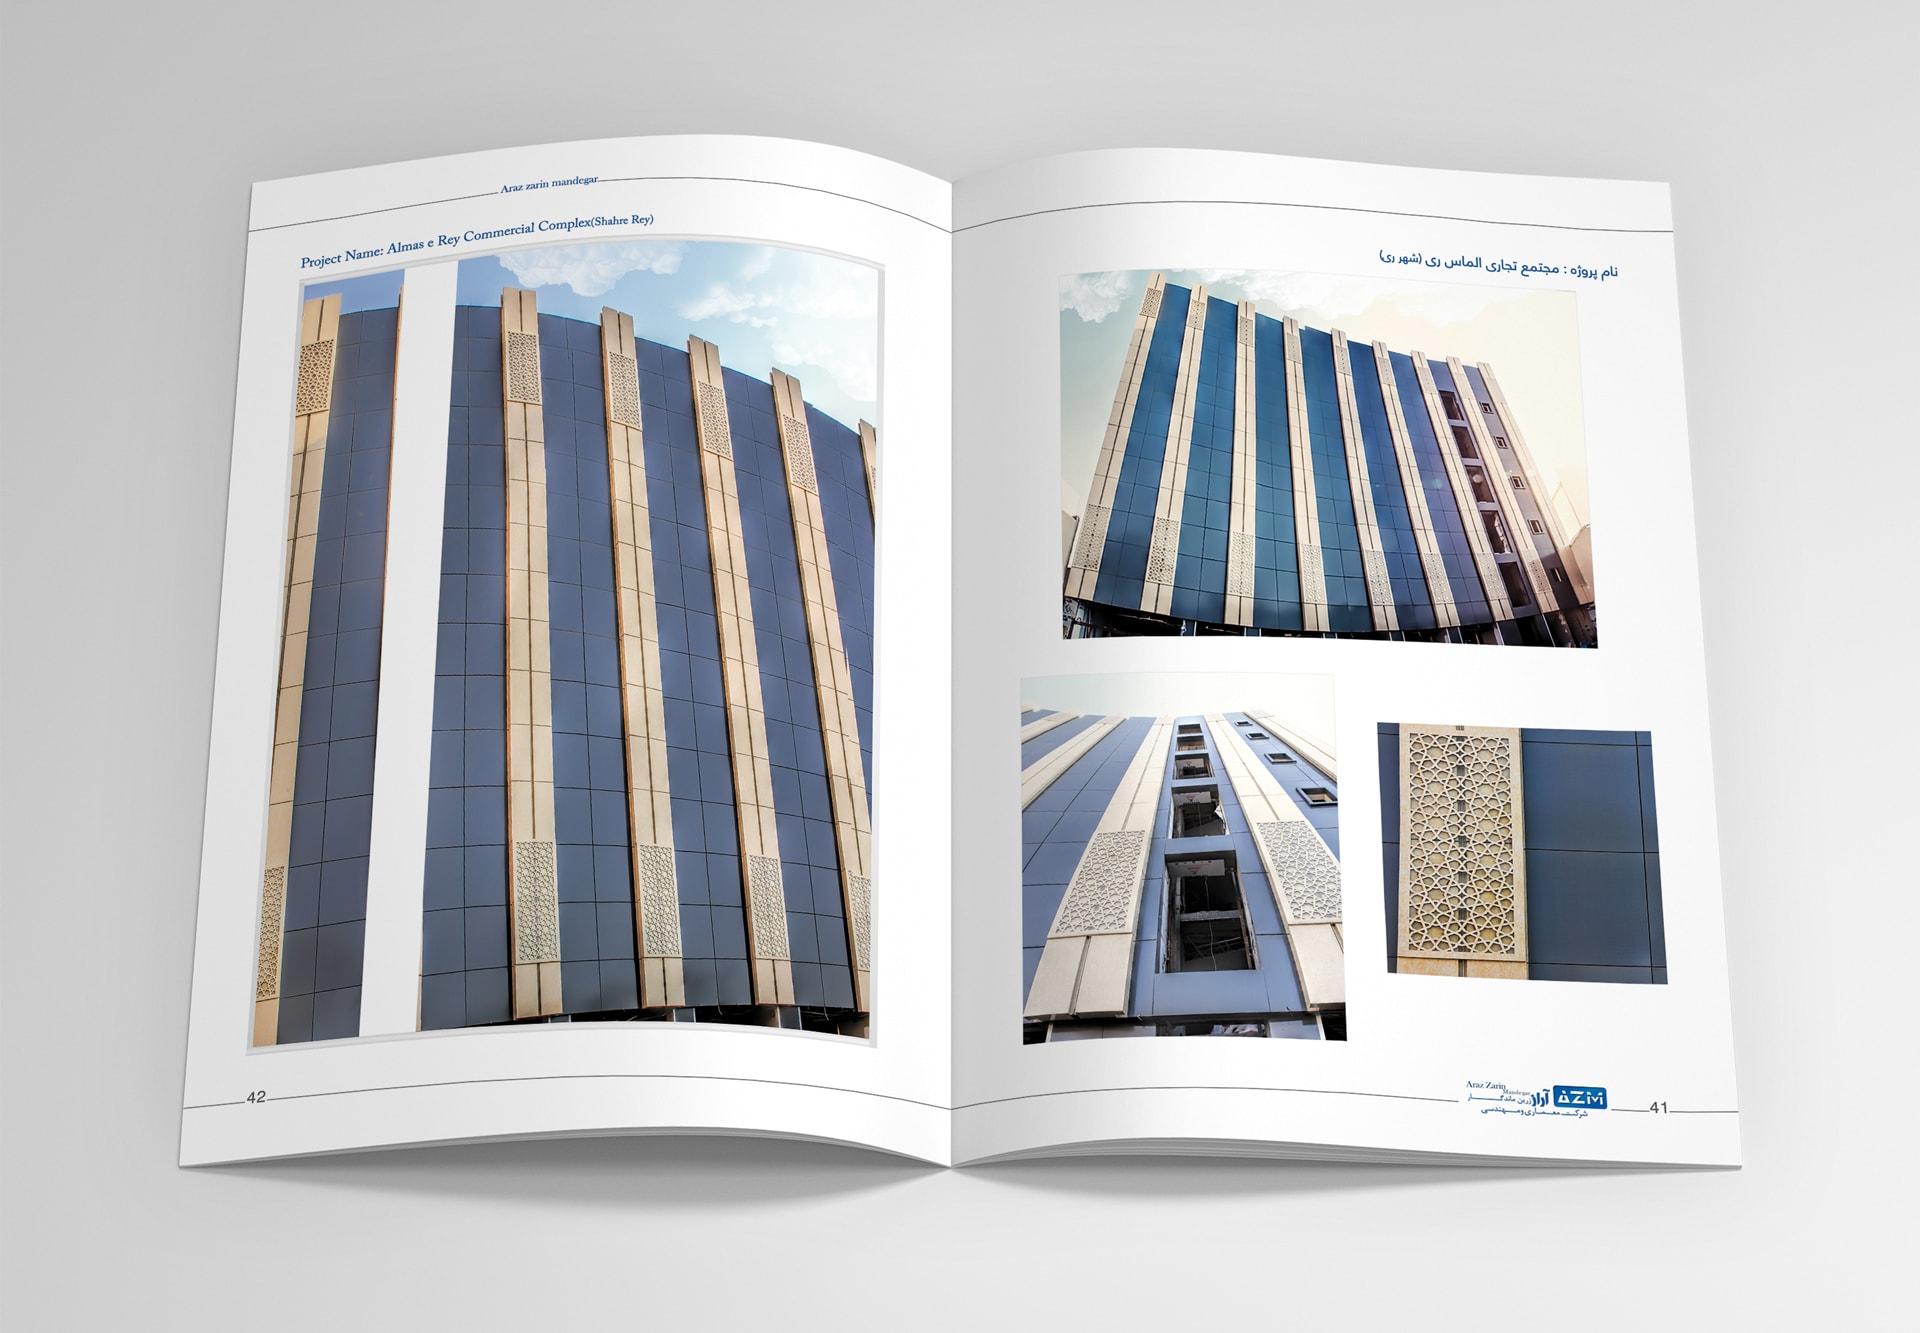 طراحی کاتالوگ - طراحی کاتالوگ شرکت معماری و مهندسی آراز - شرکت چاپ کی نگار